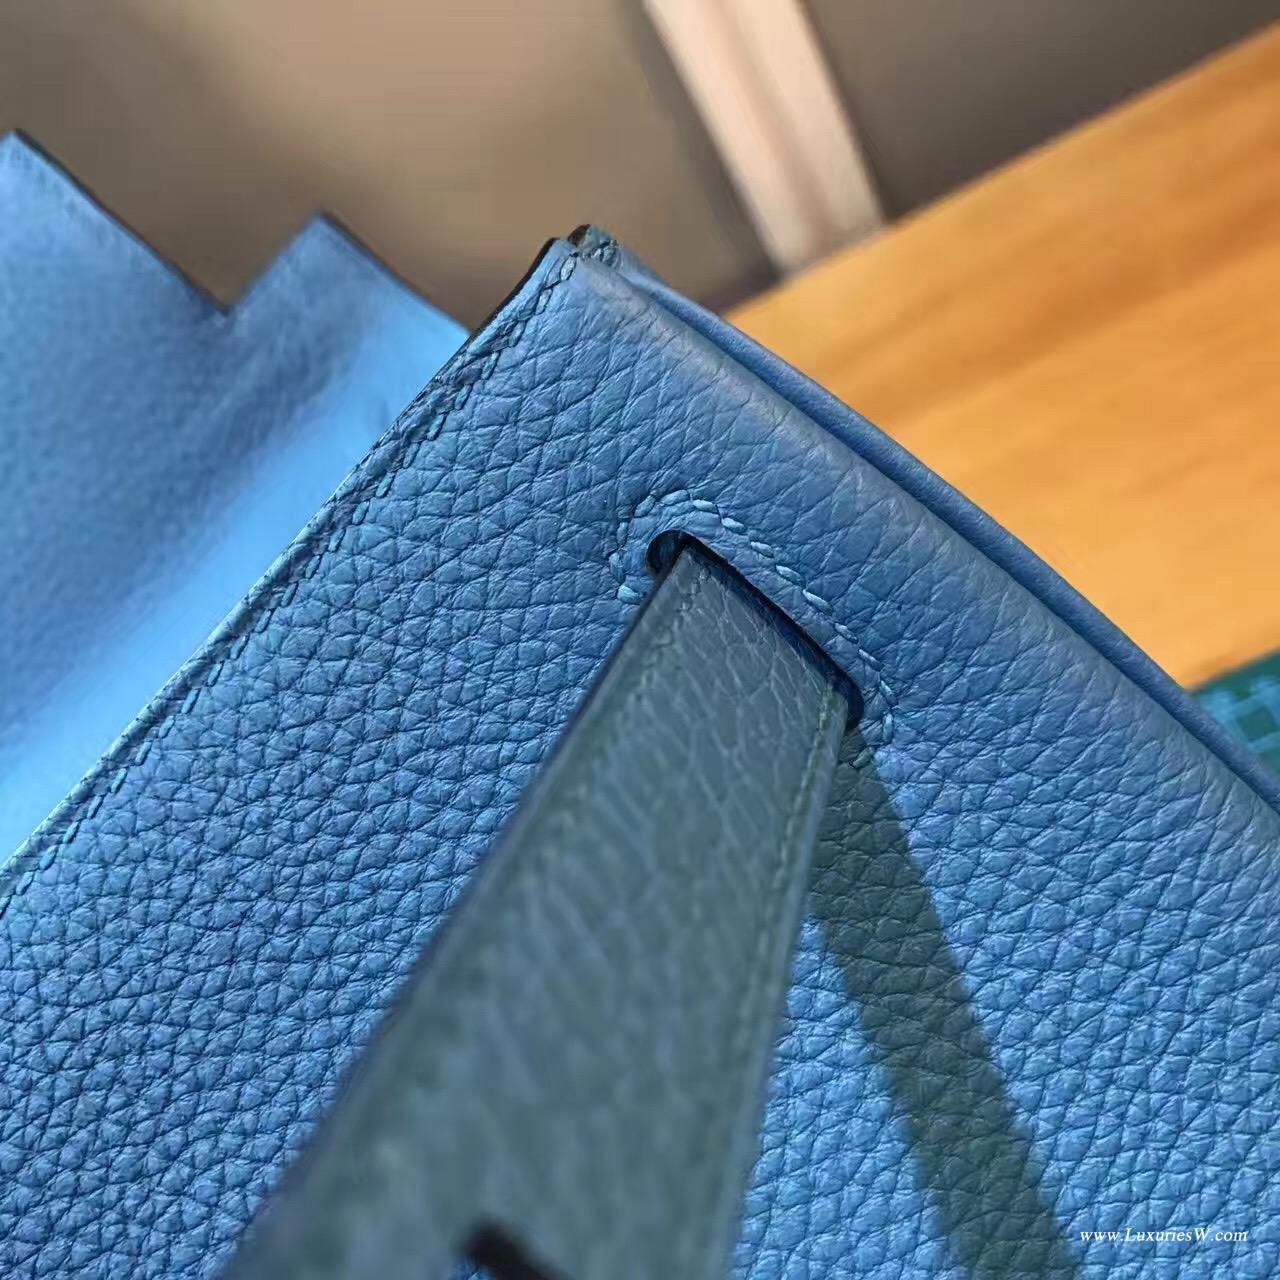 愛馬仕凱莉包 Kelly 28 togo松石藍 帶點熒光的藍色 溫柔而嫵媚的感覺颜色